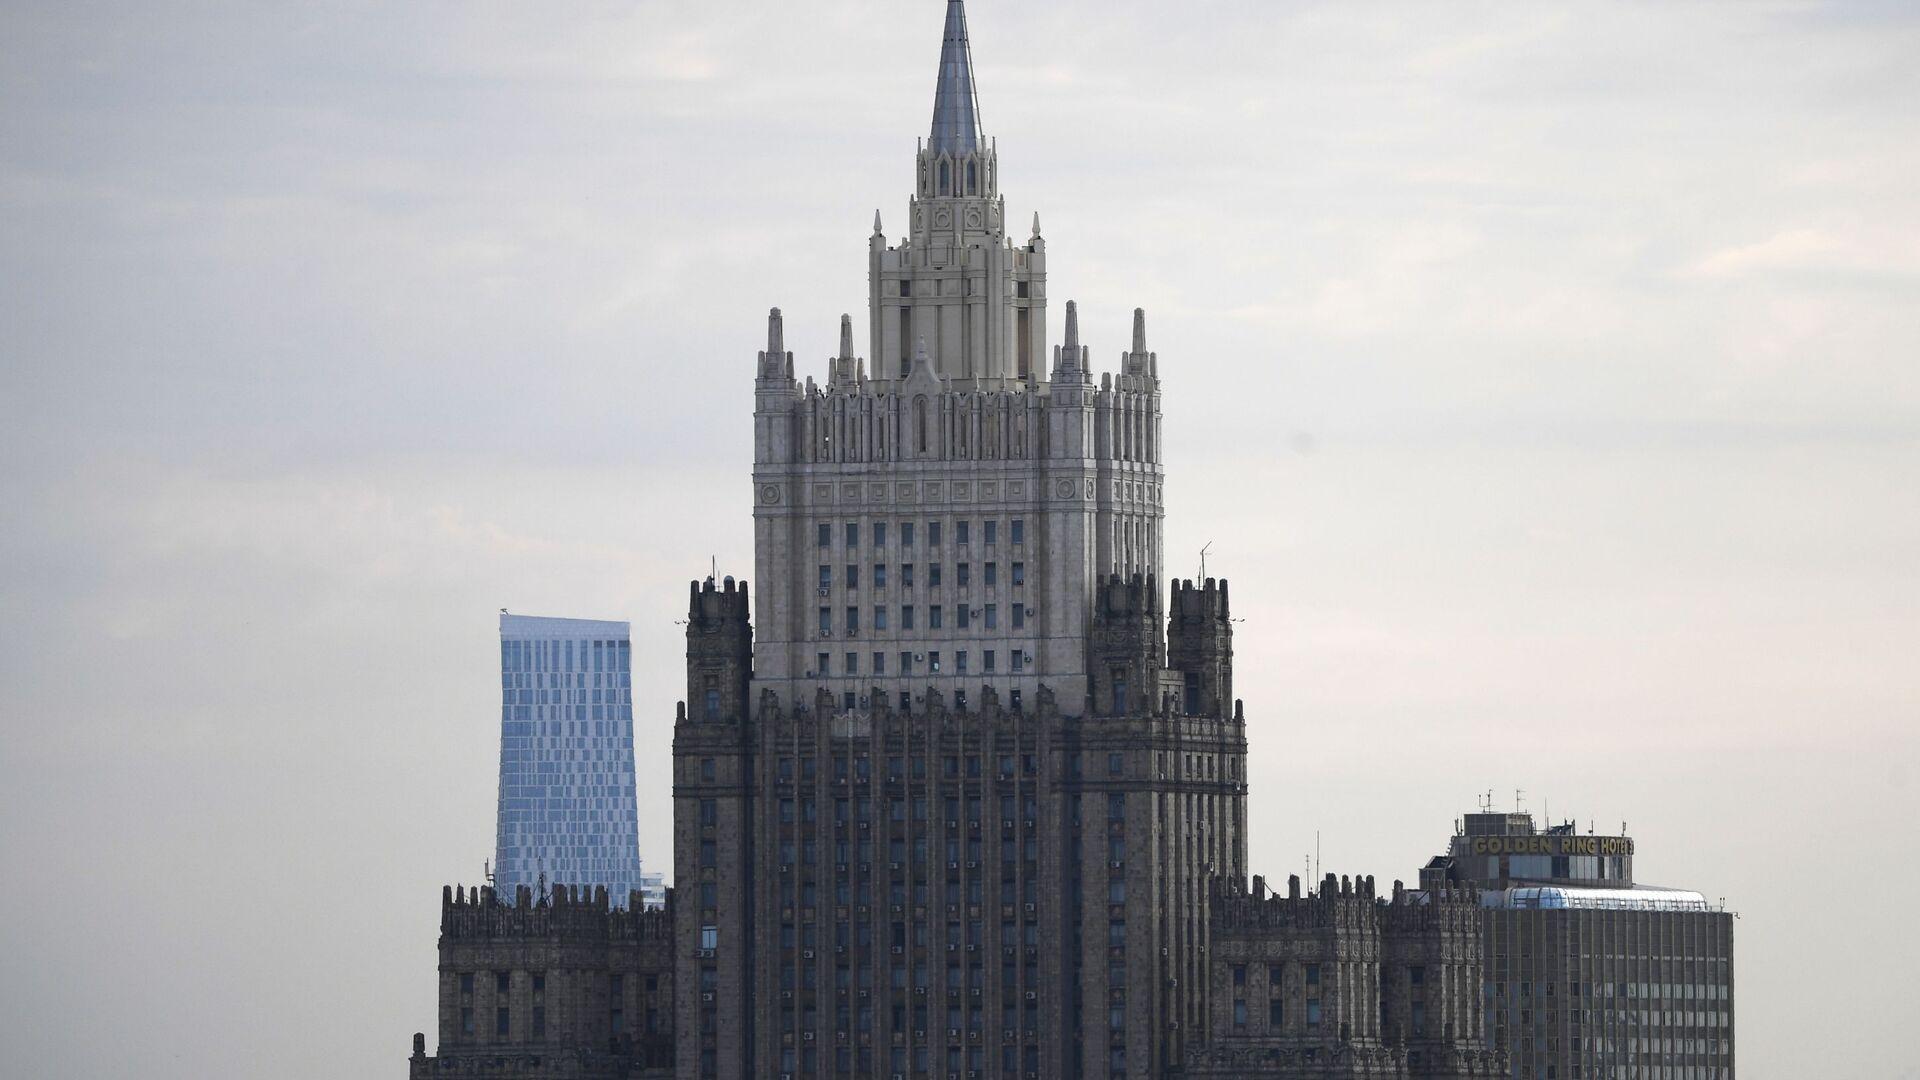 Zgrada Ministarstva spoljnih poslova Rusije  - Sputnik Srbija, 1920, 08.10.2021